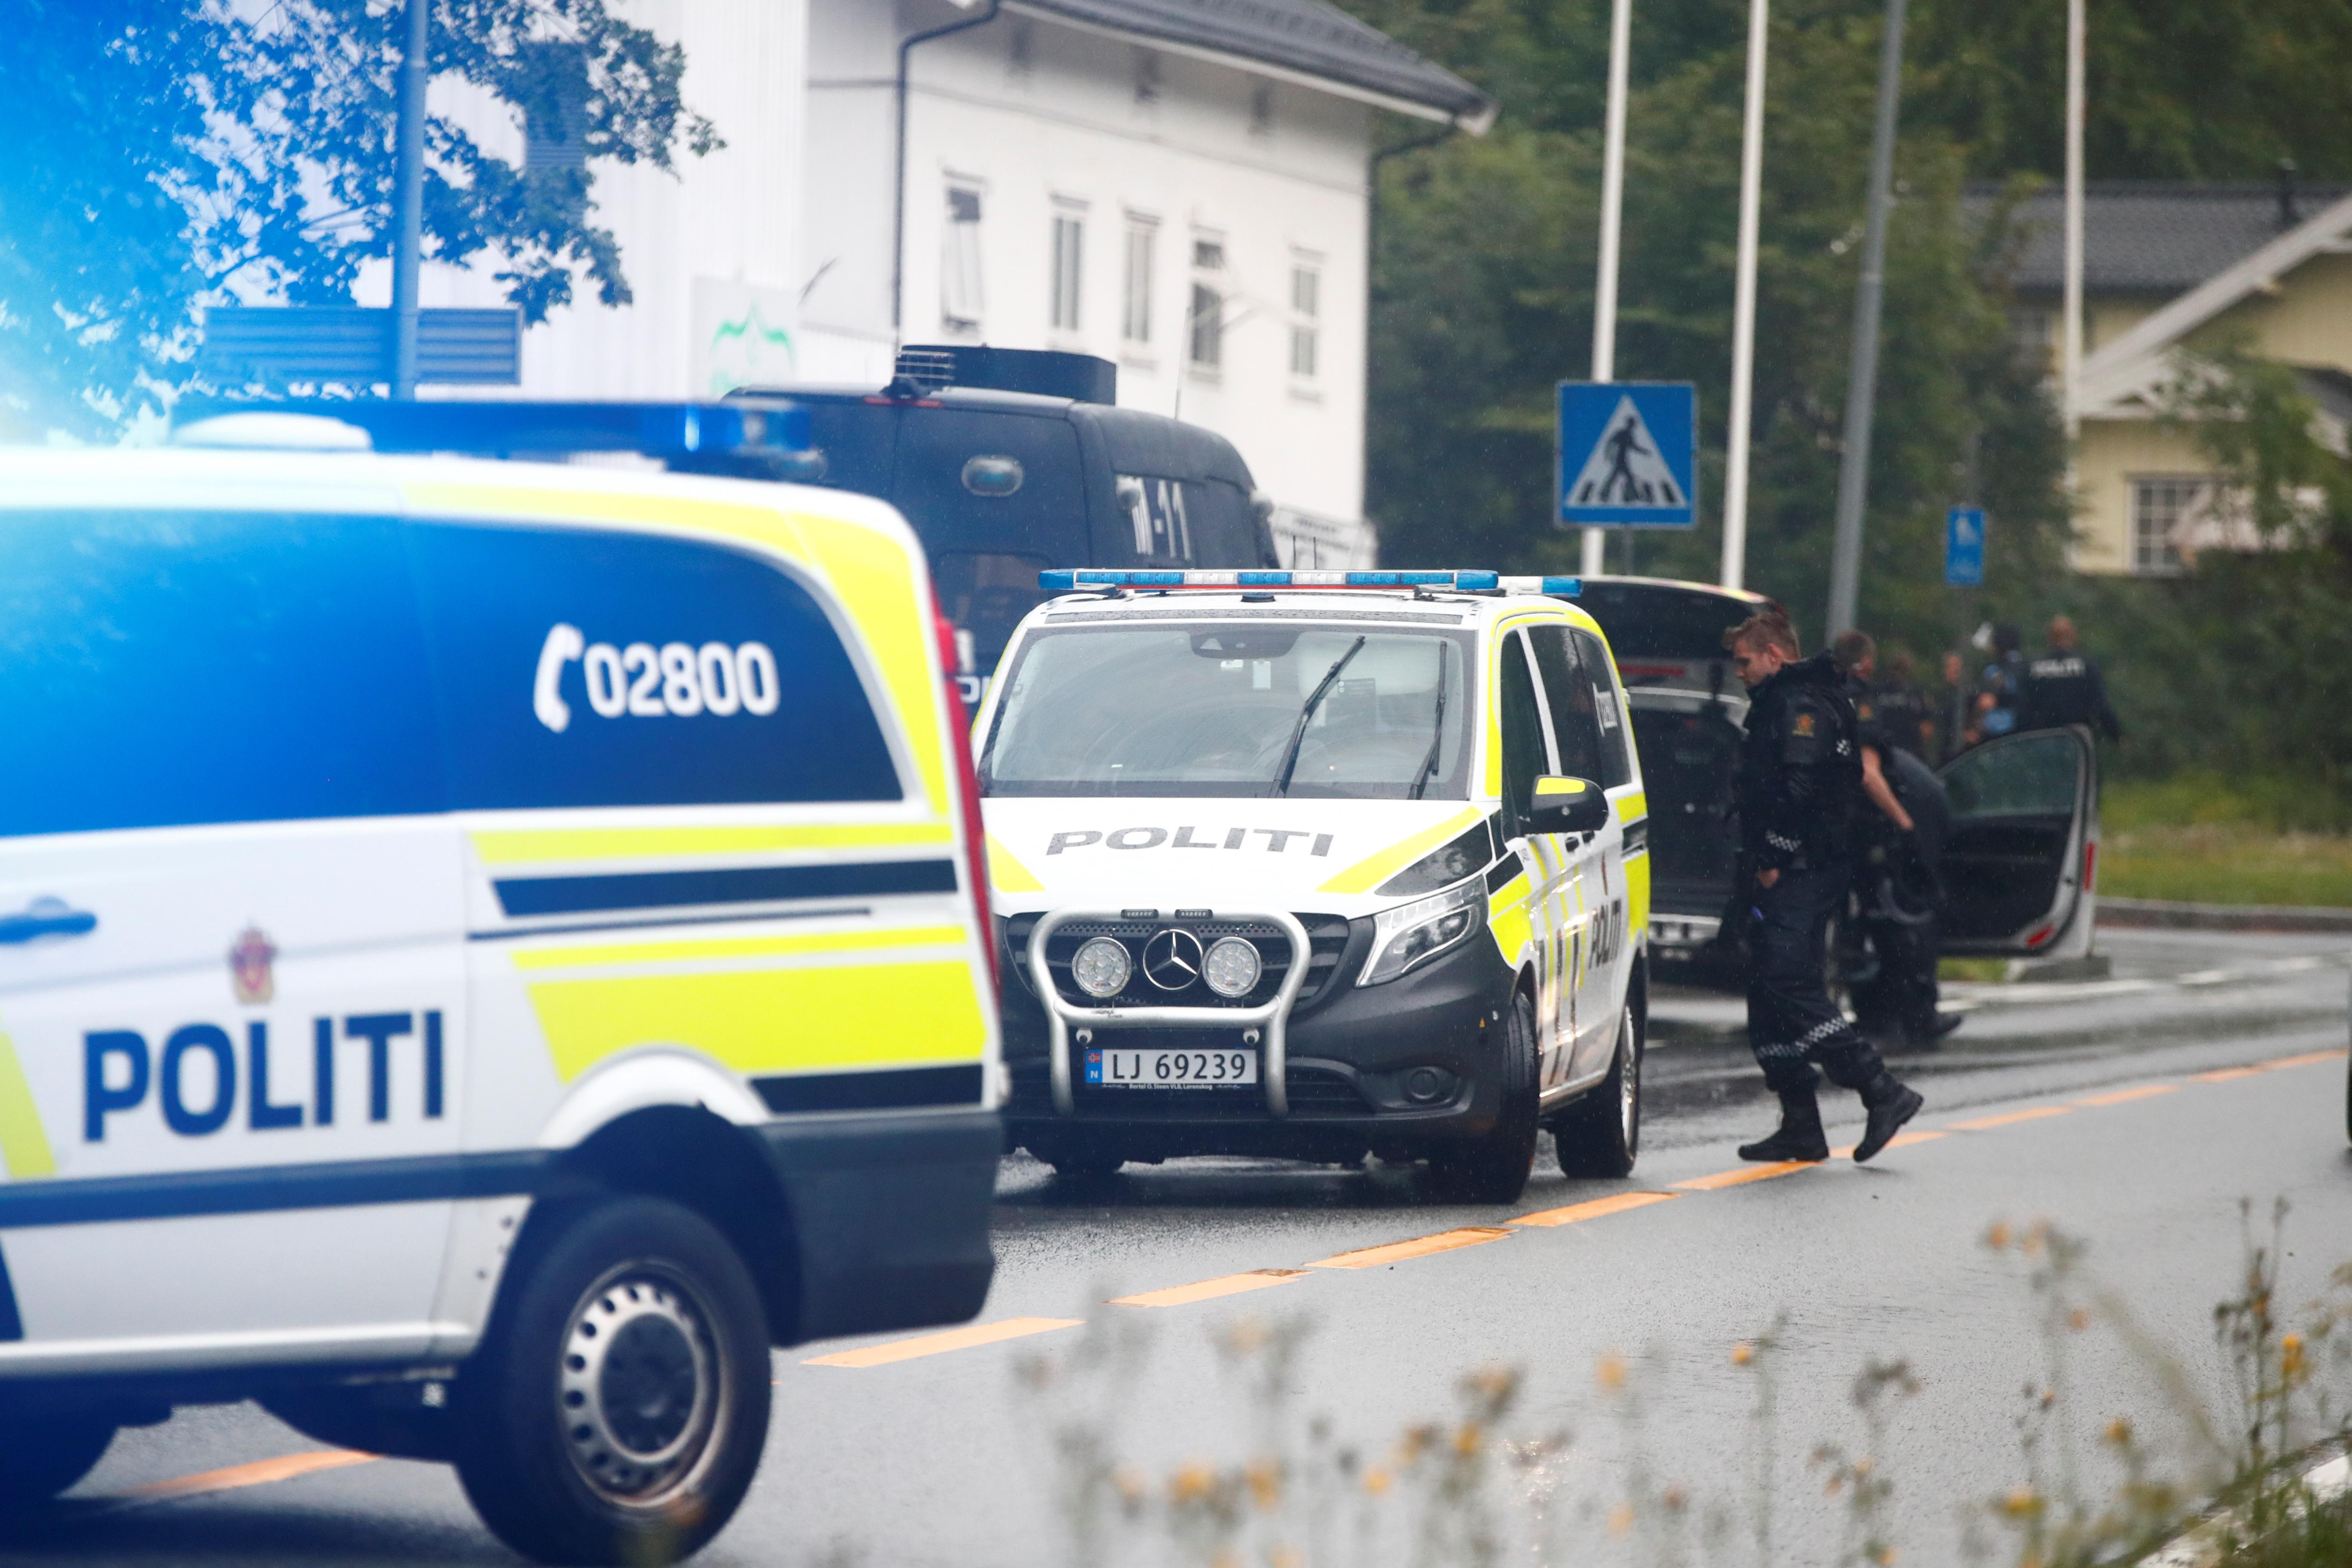 Egy norvég férfi lövöldözni kezdett egy mecsetben Oslo mellett